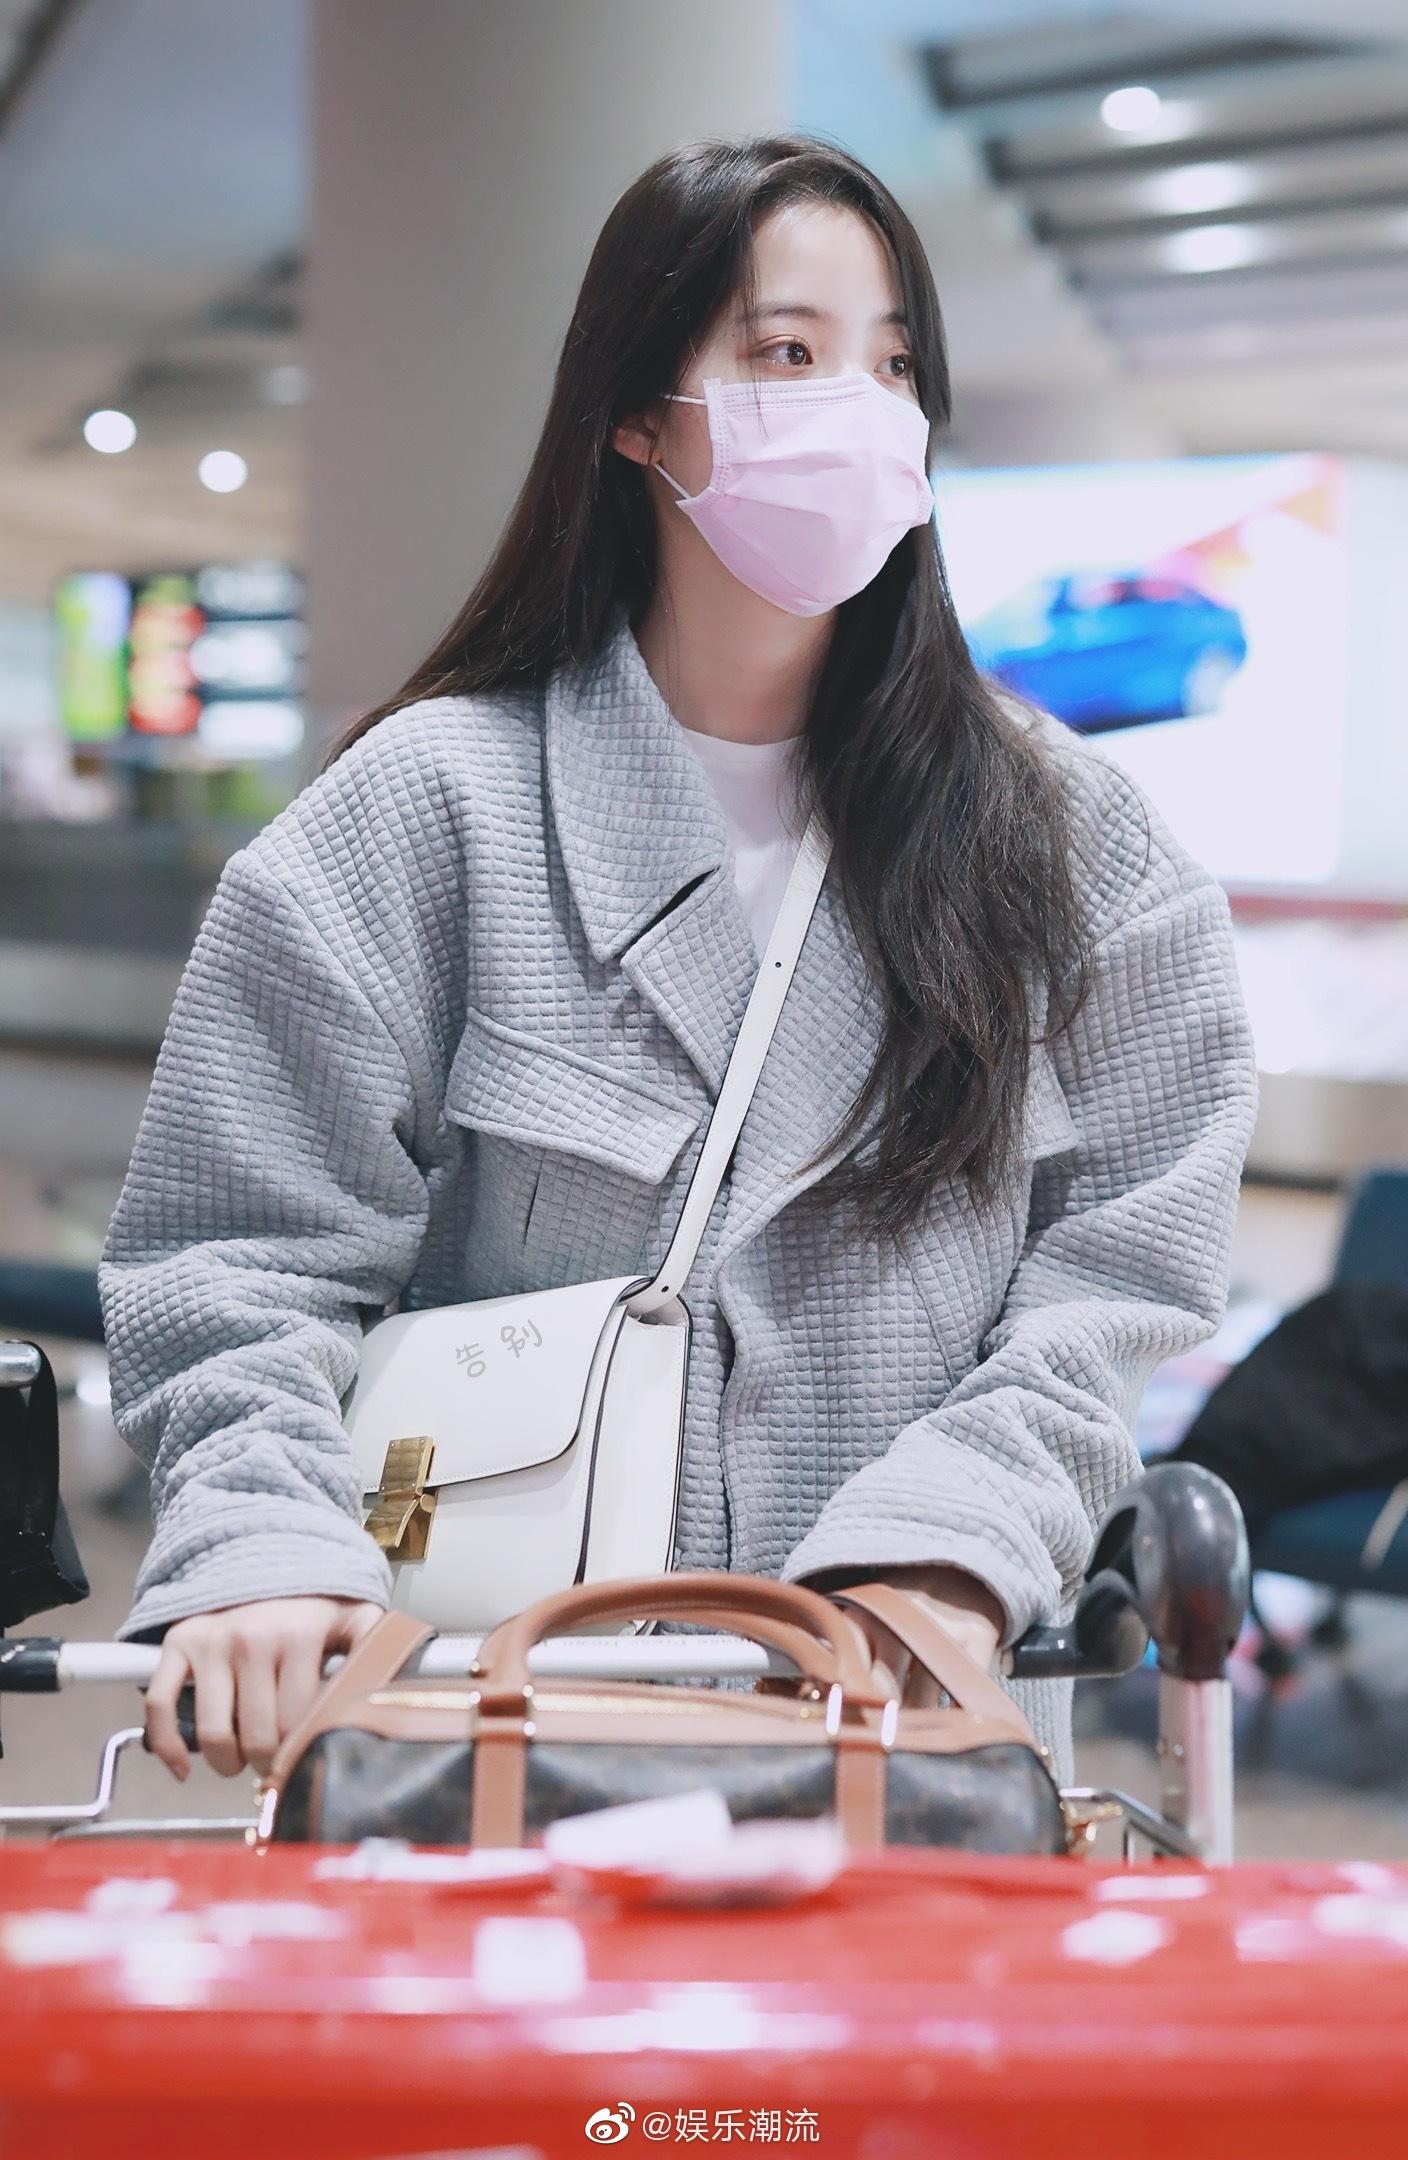 欧阳娜娜身穿灰色休闲套装简约现身机场